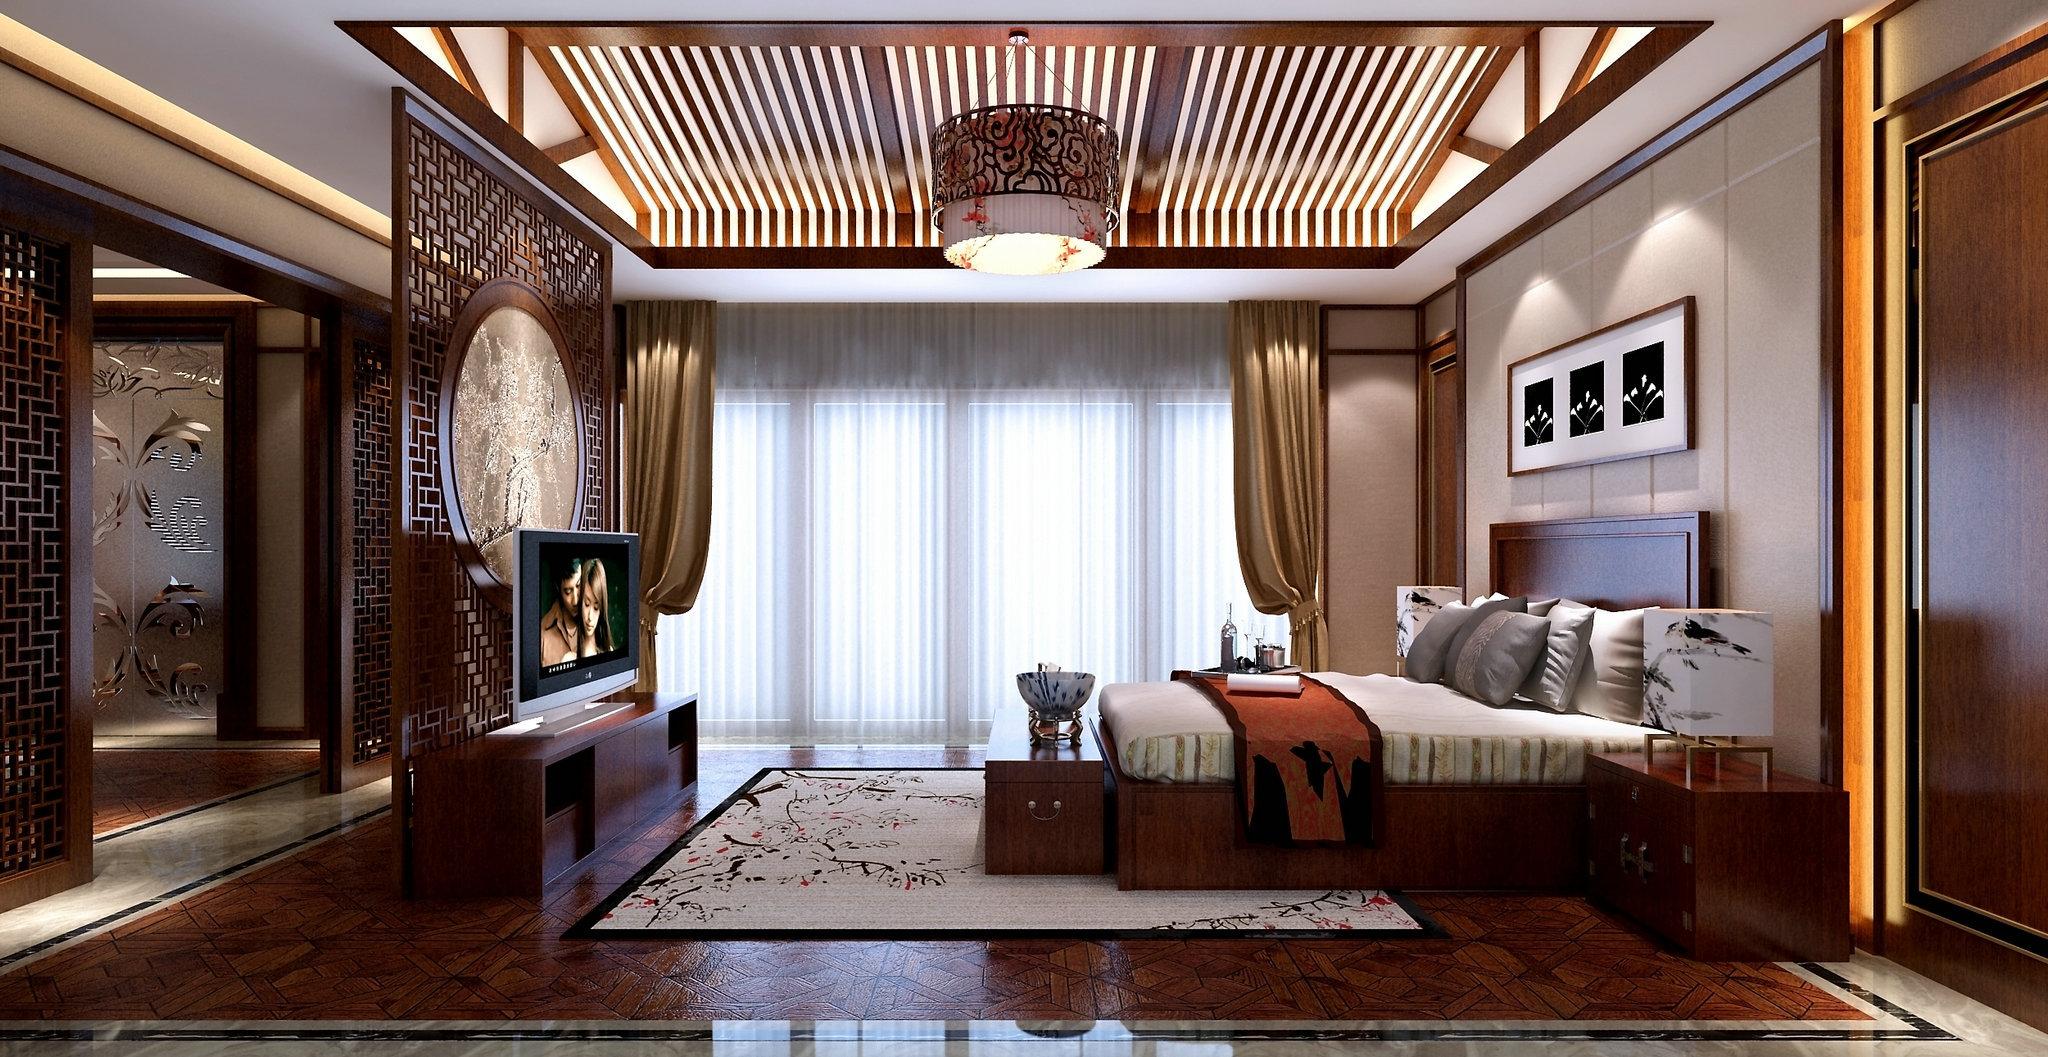 东园雅景轩 别墅装修 新中式风格 腾龙设计 卧室图片来自孔继民在东园雅集轩 800平别墅装修设计的分享